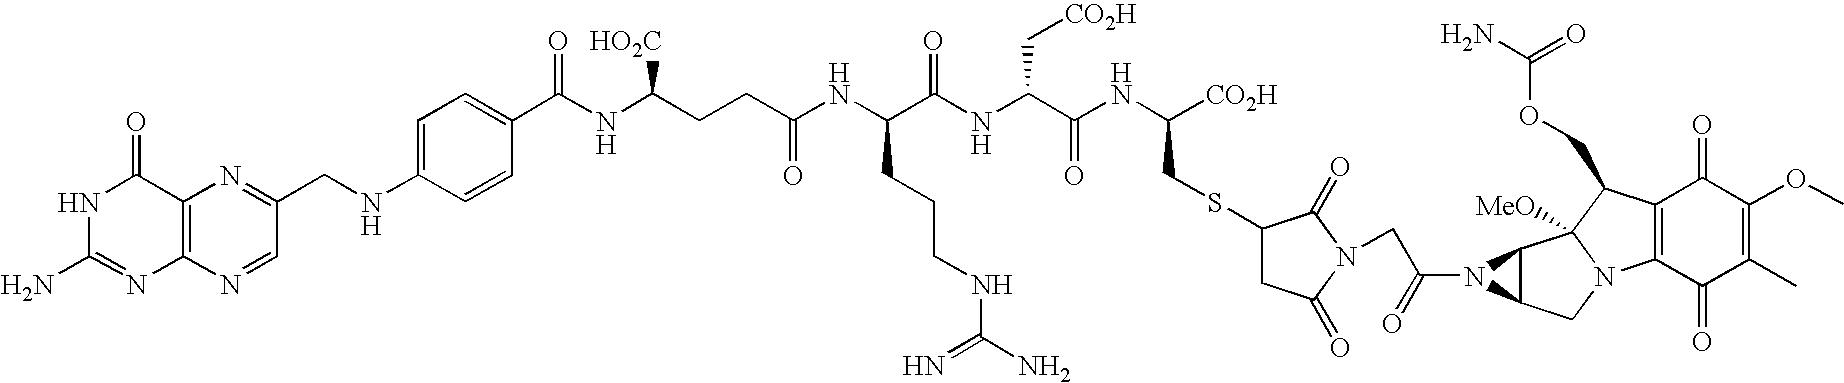 Figure US08105568-20120131-C00130